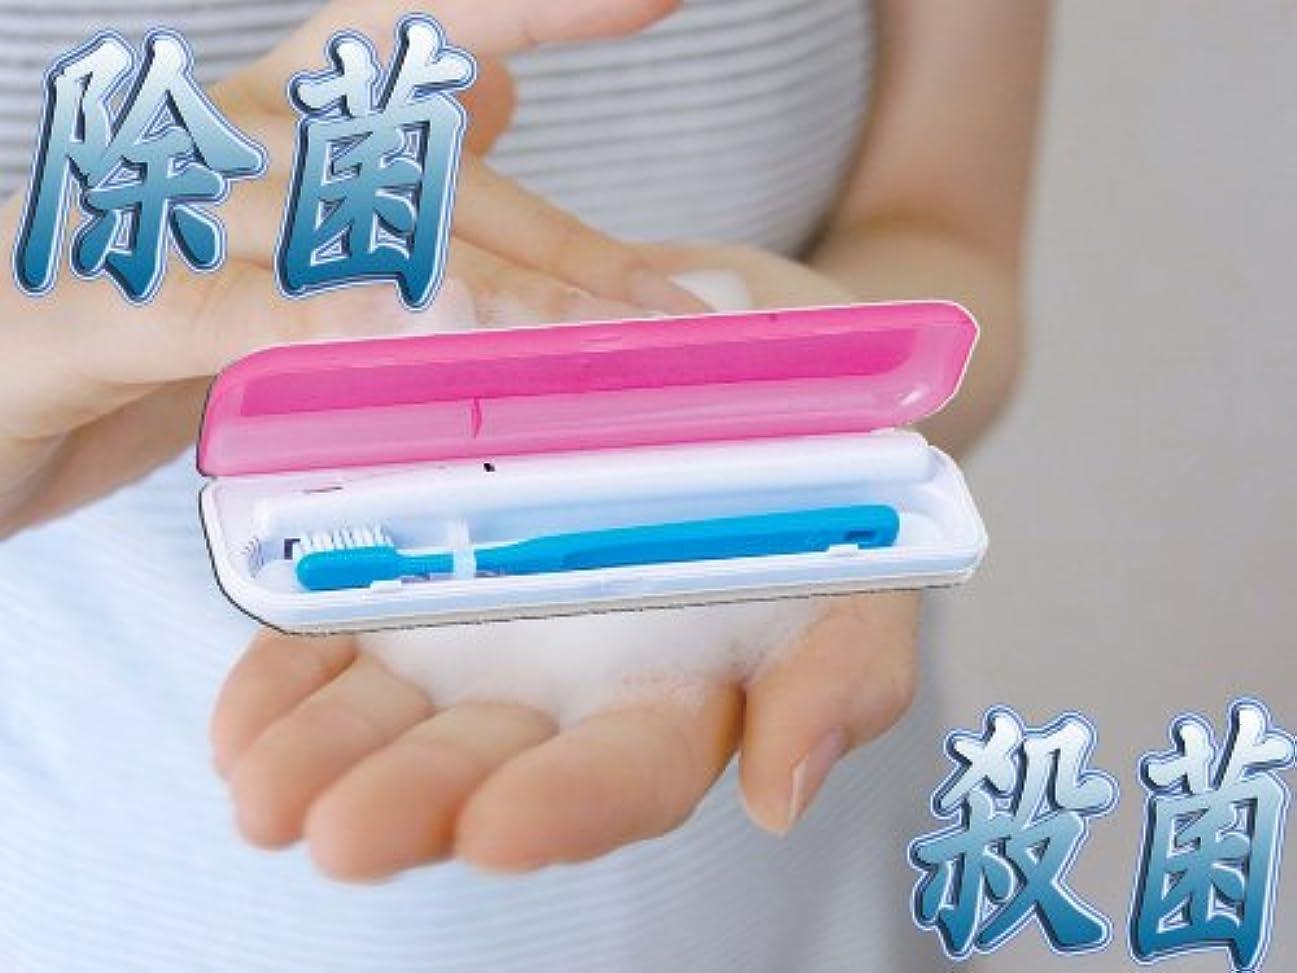 バランスのとれたアクセス良心的歯ブラシの隅々まで殺菌&除菌!! 除菌歯ブラシ 携帯ケース 電池式 15408